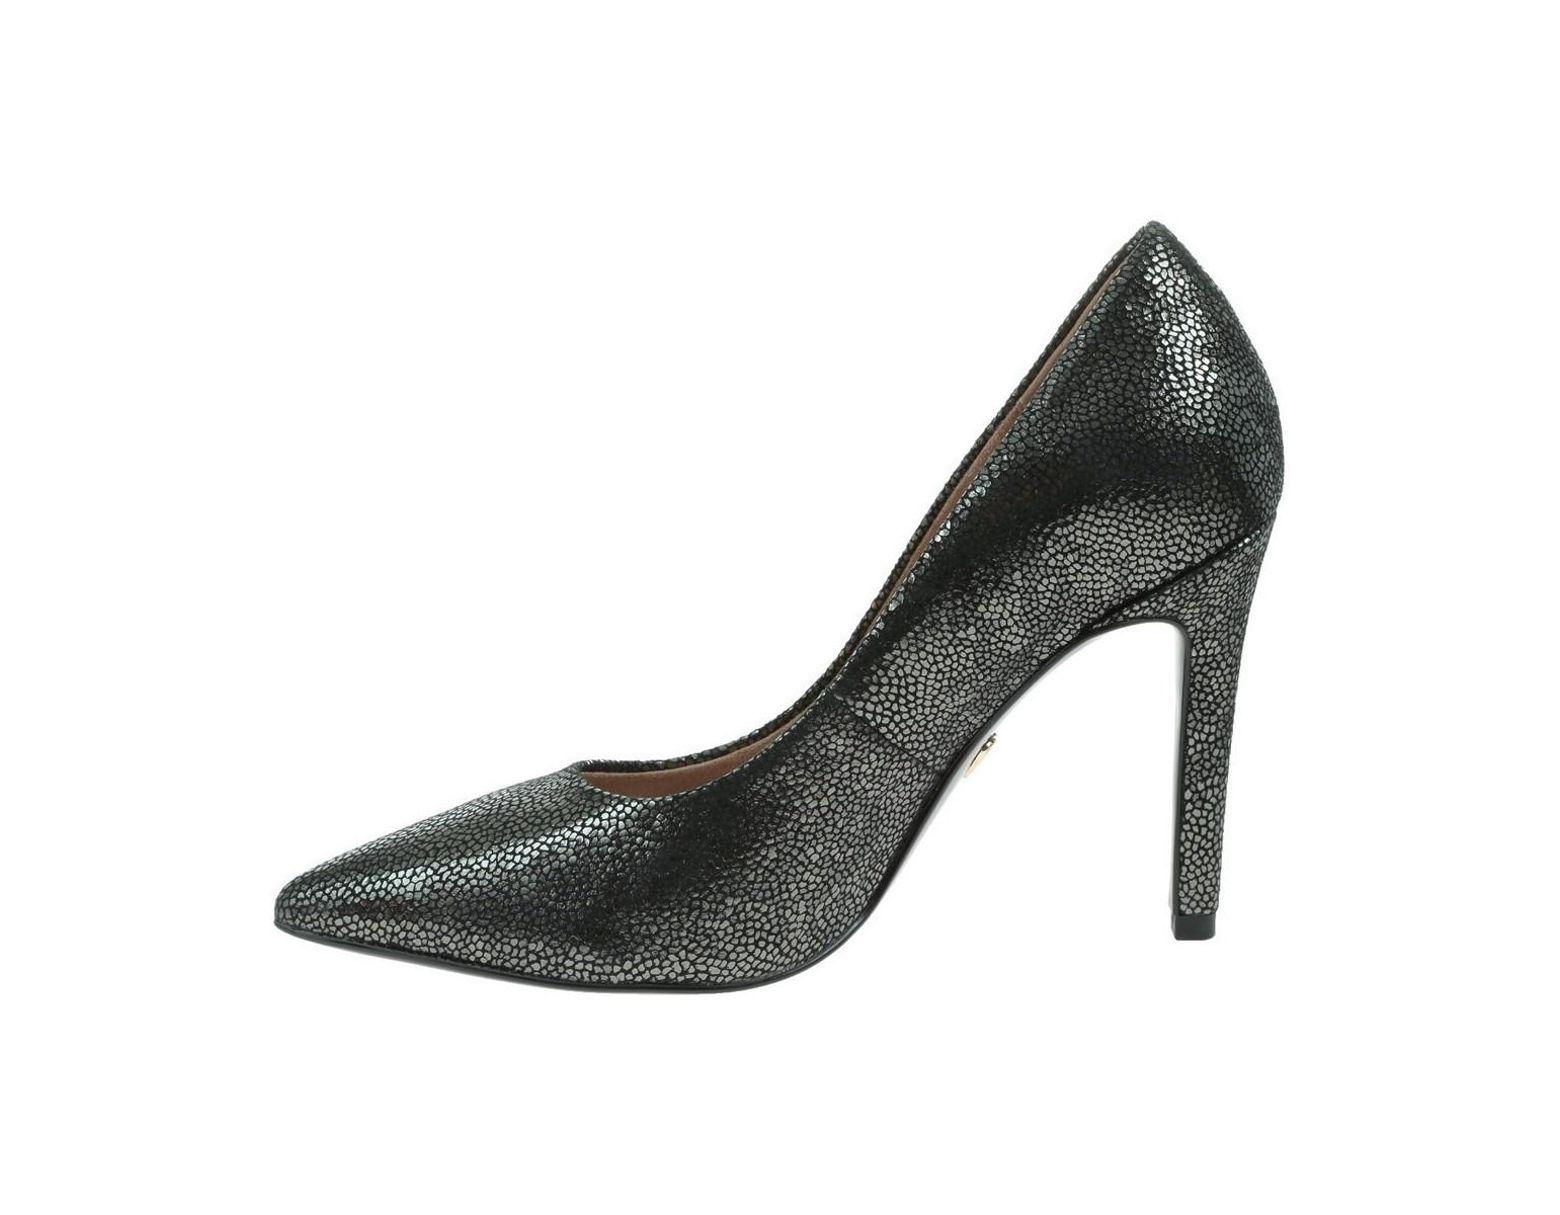 Noir Femmes Chaussures Tamaris Escarpins 22439 Coloris En